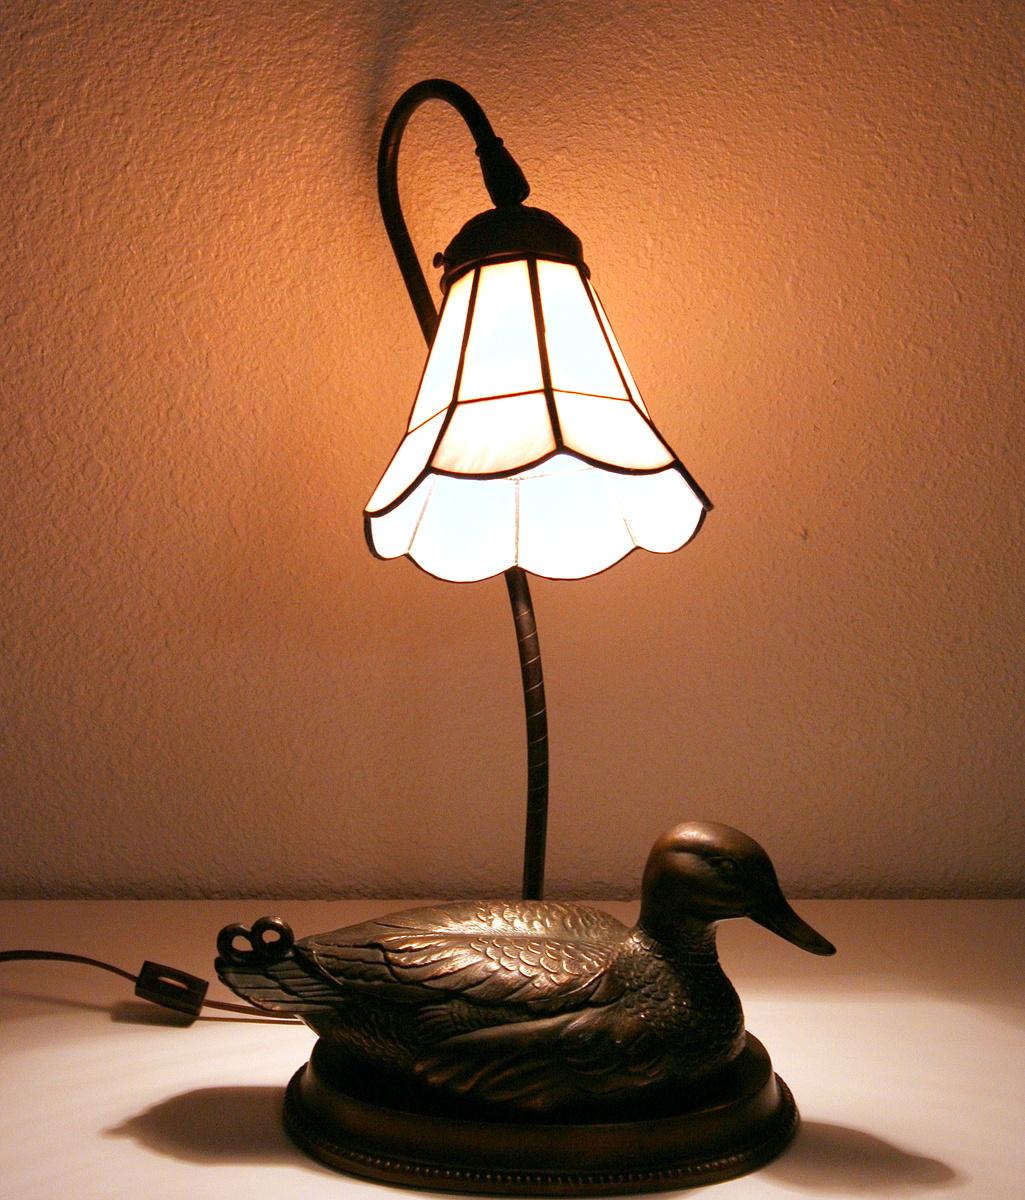 Bronze Mallard Duck Lamp wit Glass Shade - Vintage ...